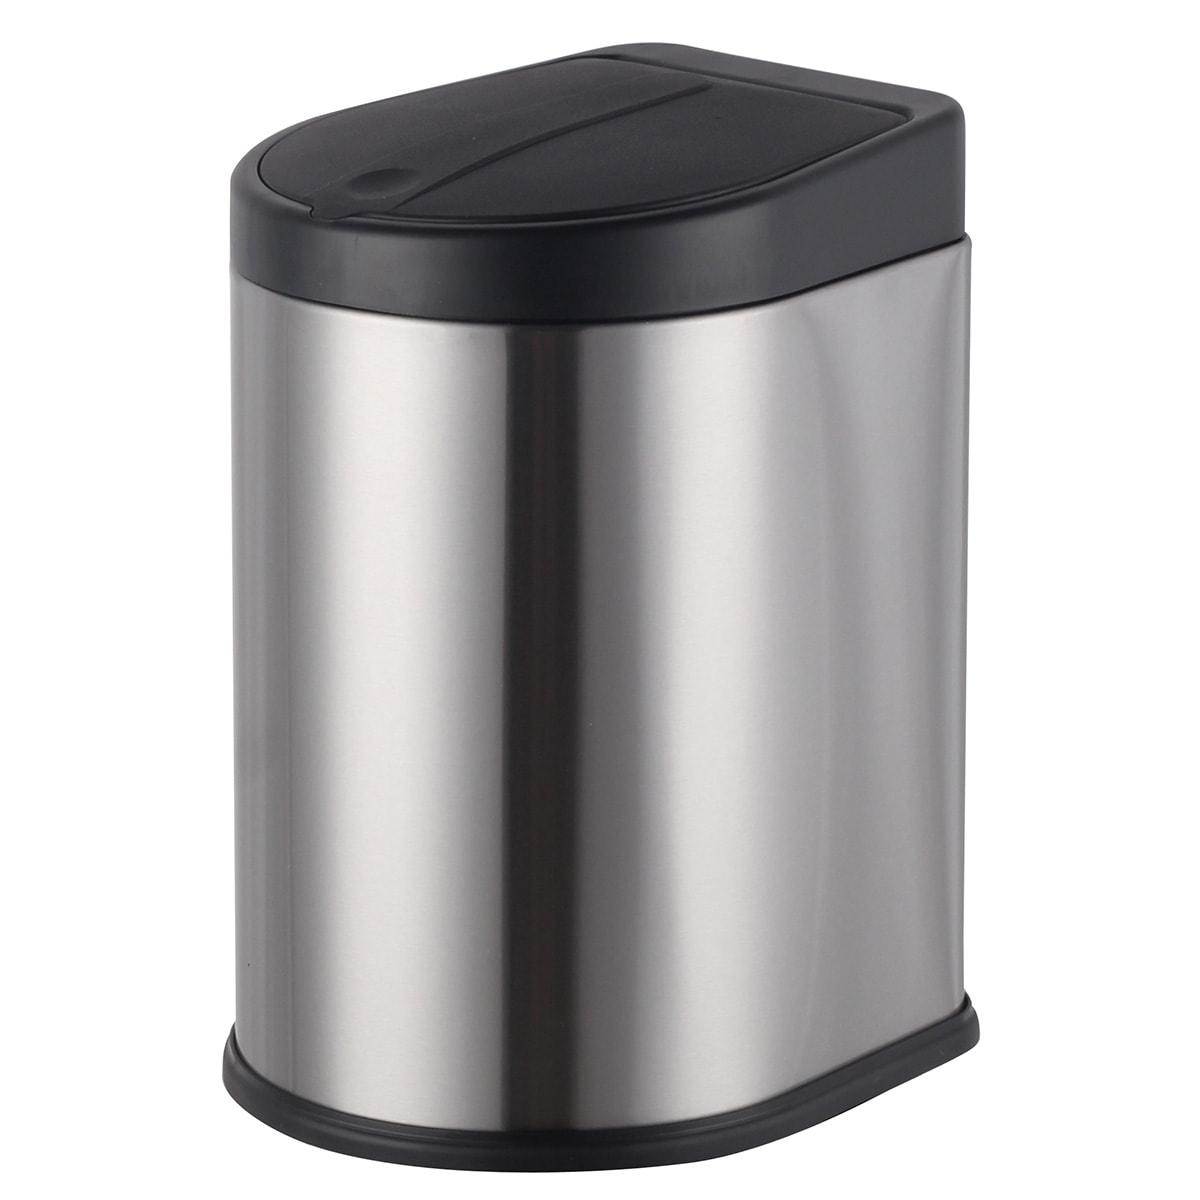 6 liter - Med låg og hygiejnisk inderspand, der forhindrer lugtgener